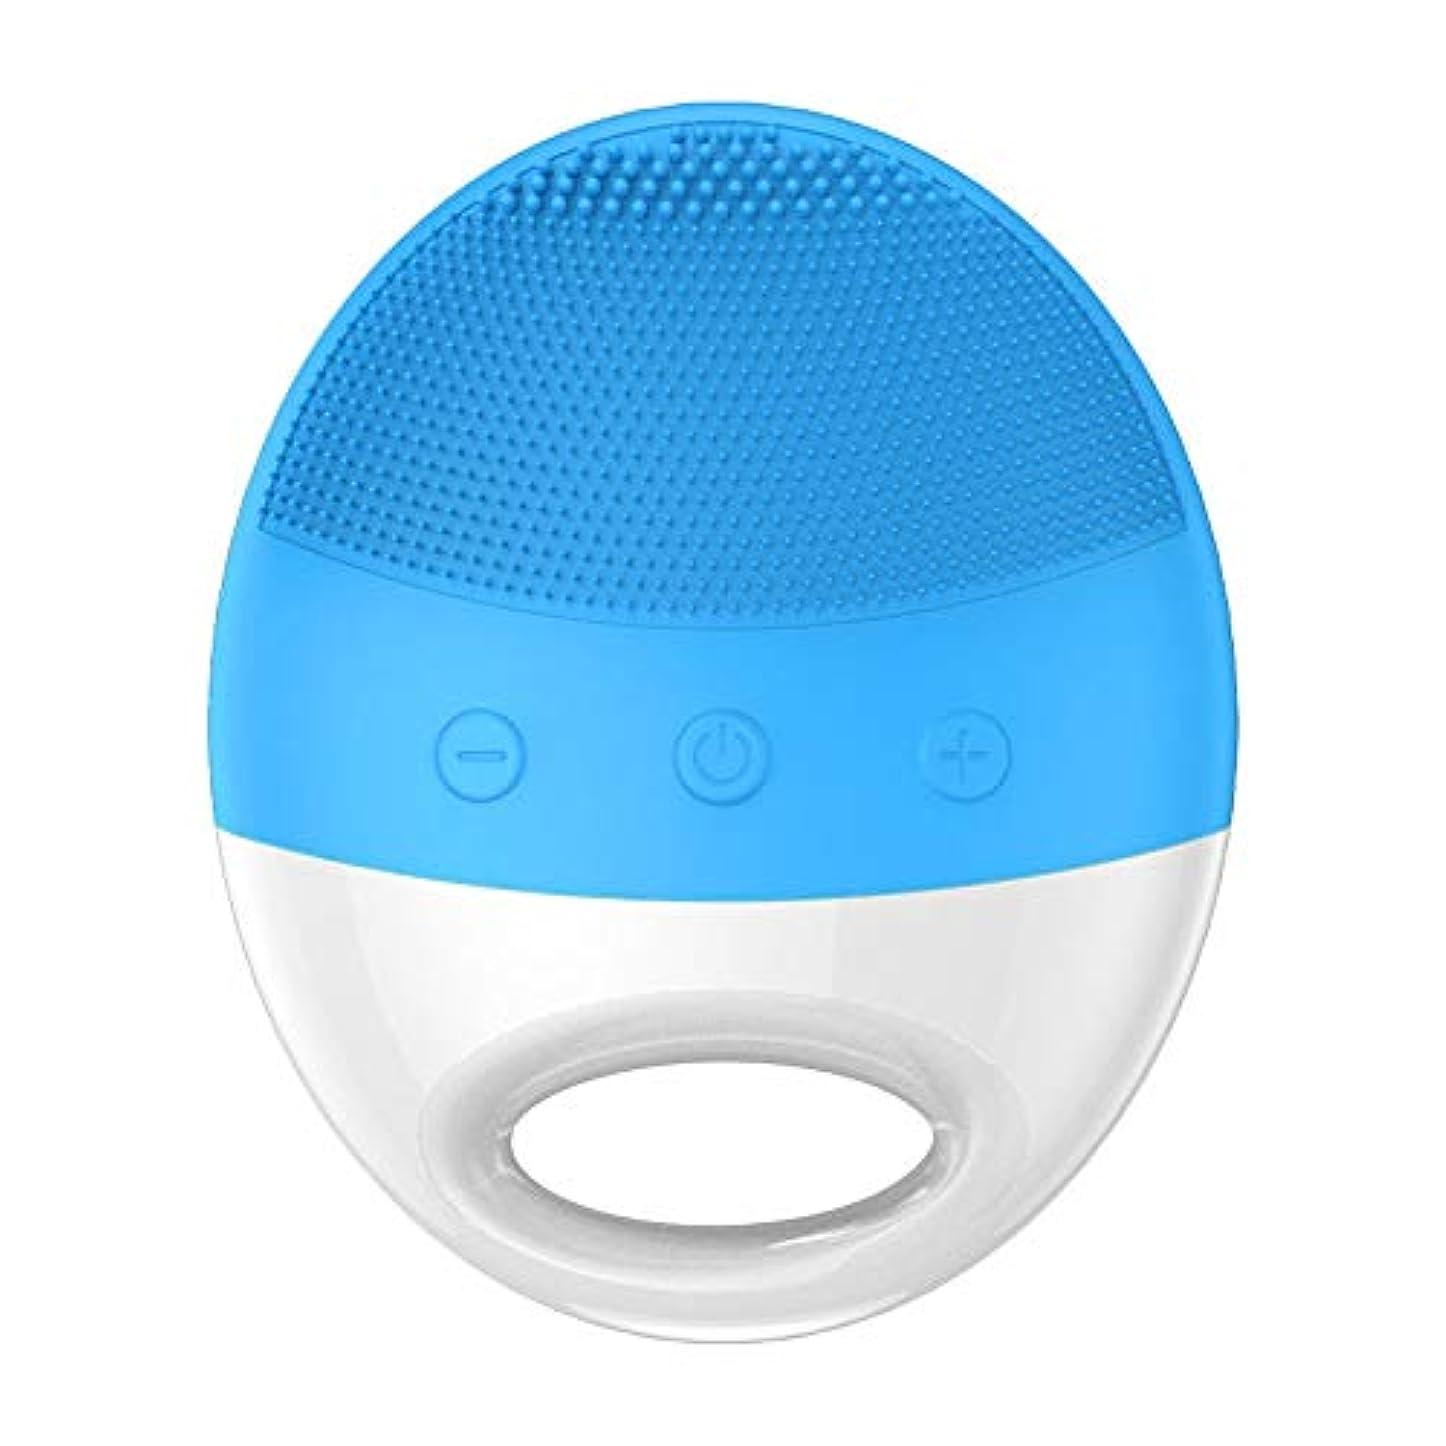 動く適合家禽超音波美の洗浄器械の電気シリコーンの洗浄のアーティファクトの気孔のクリーニングの器械 (Color : Blue)